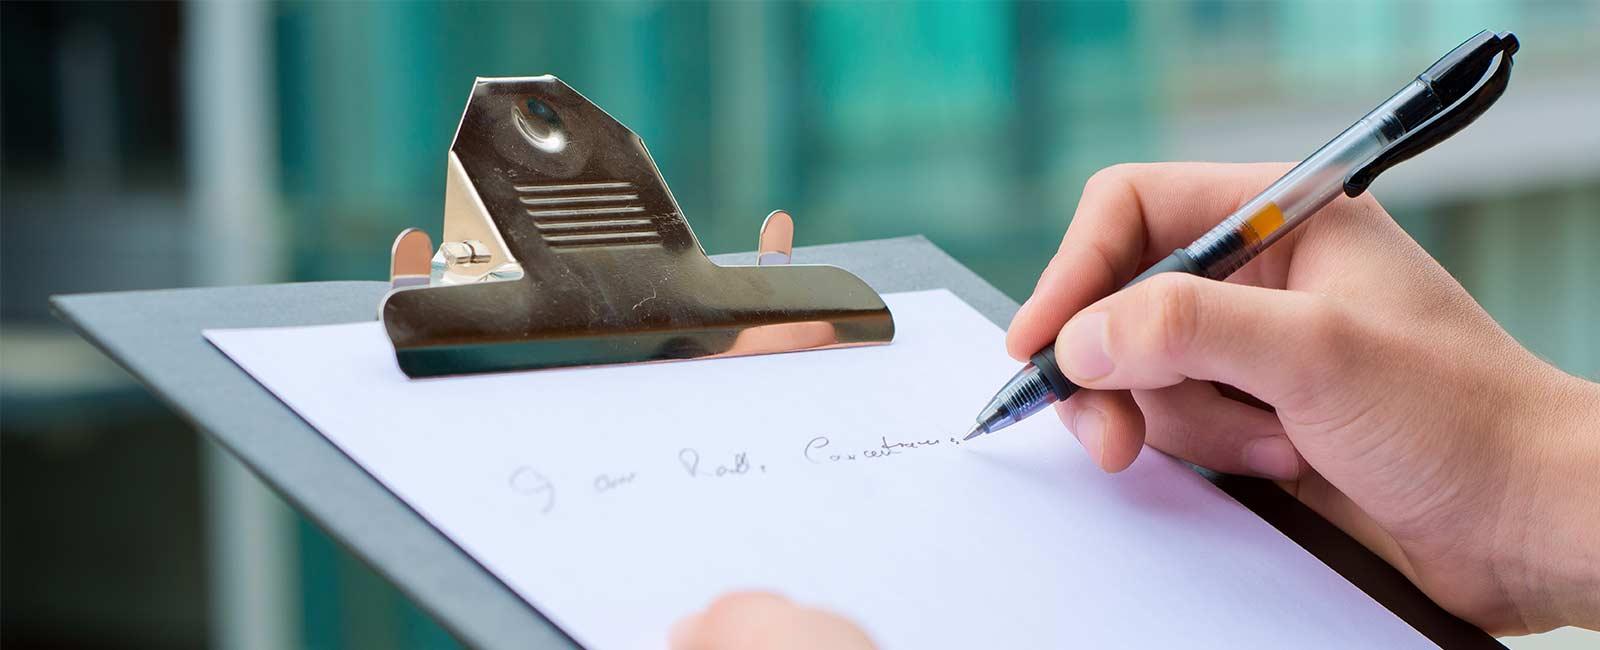 Soal Akuntansi Akuntasi Dan Sistem Informasi Lengkap Muttaqin Id